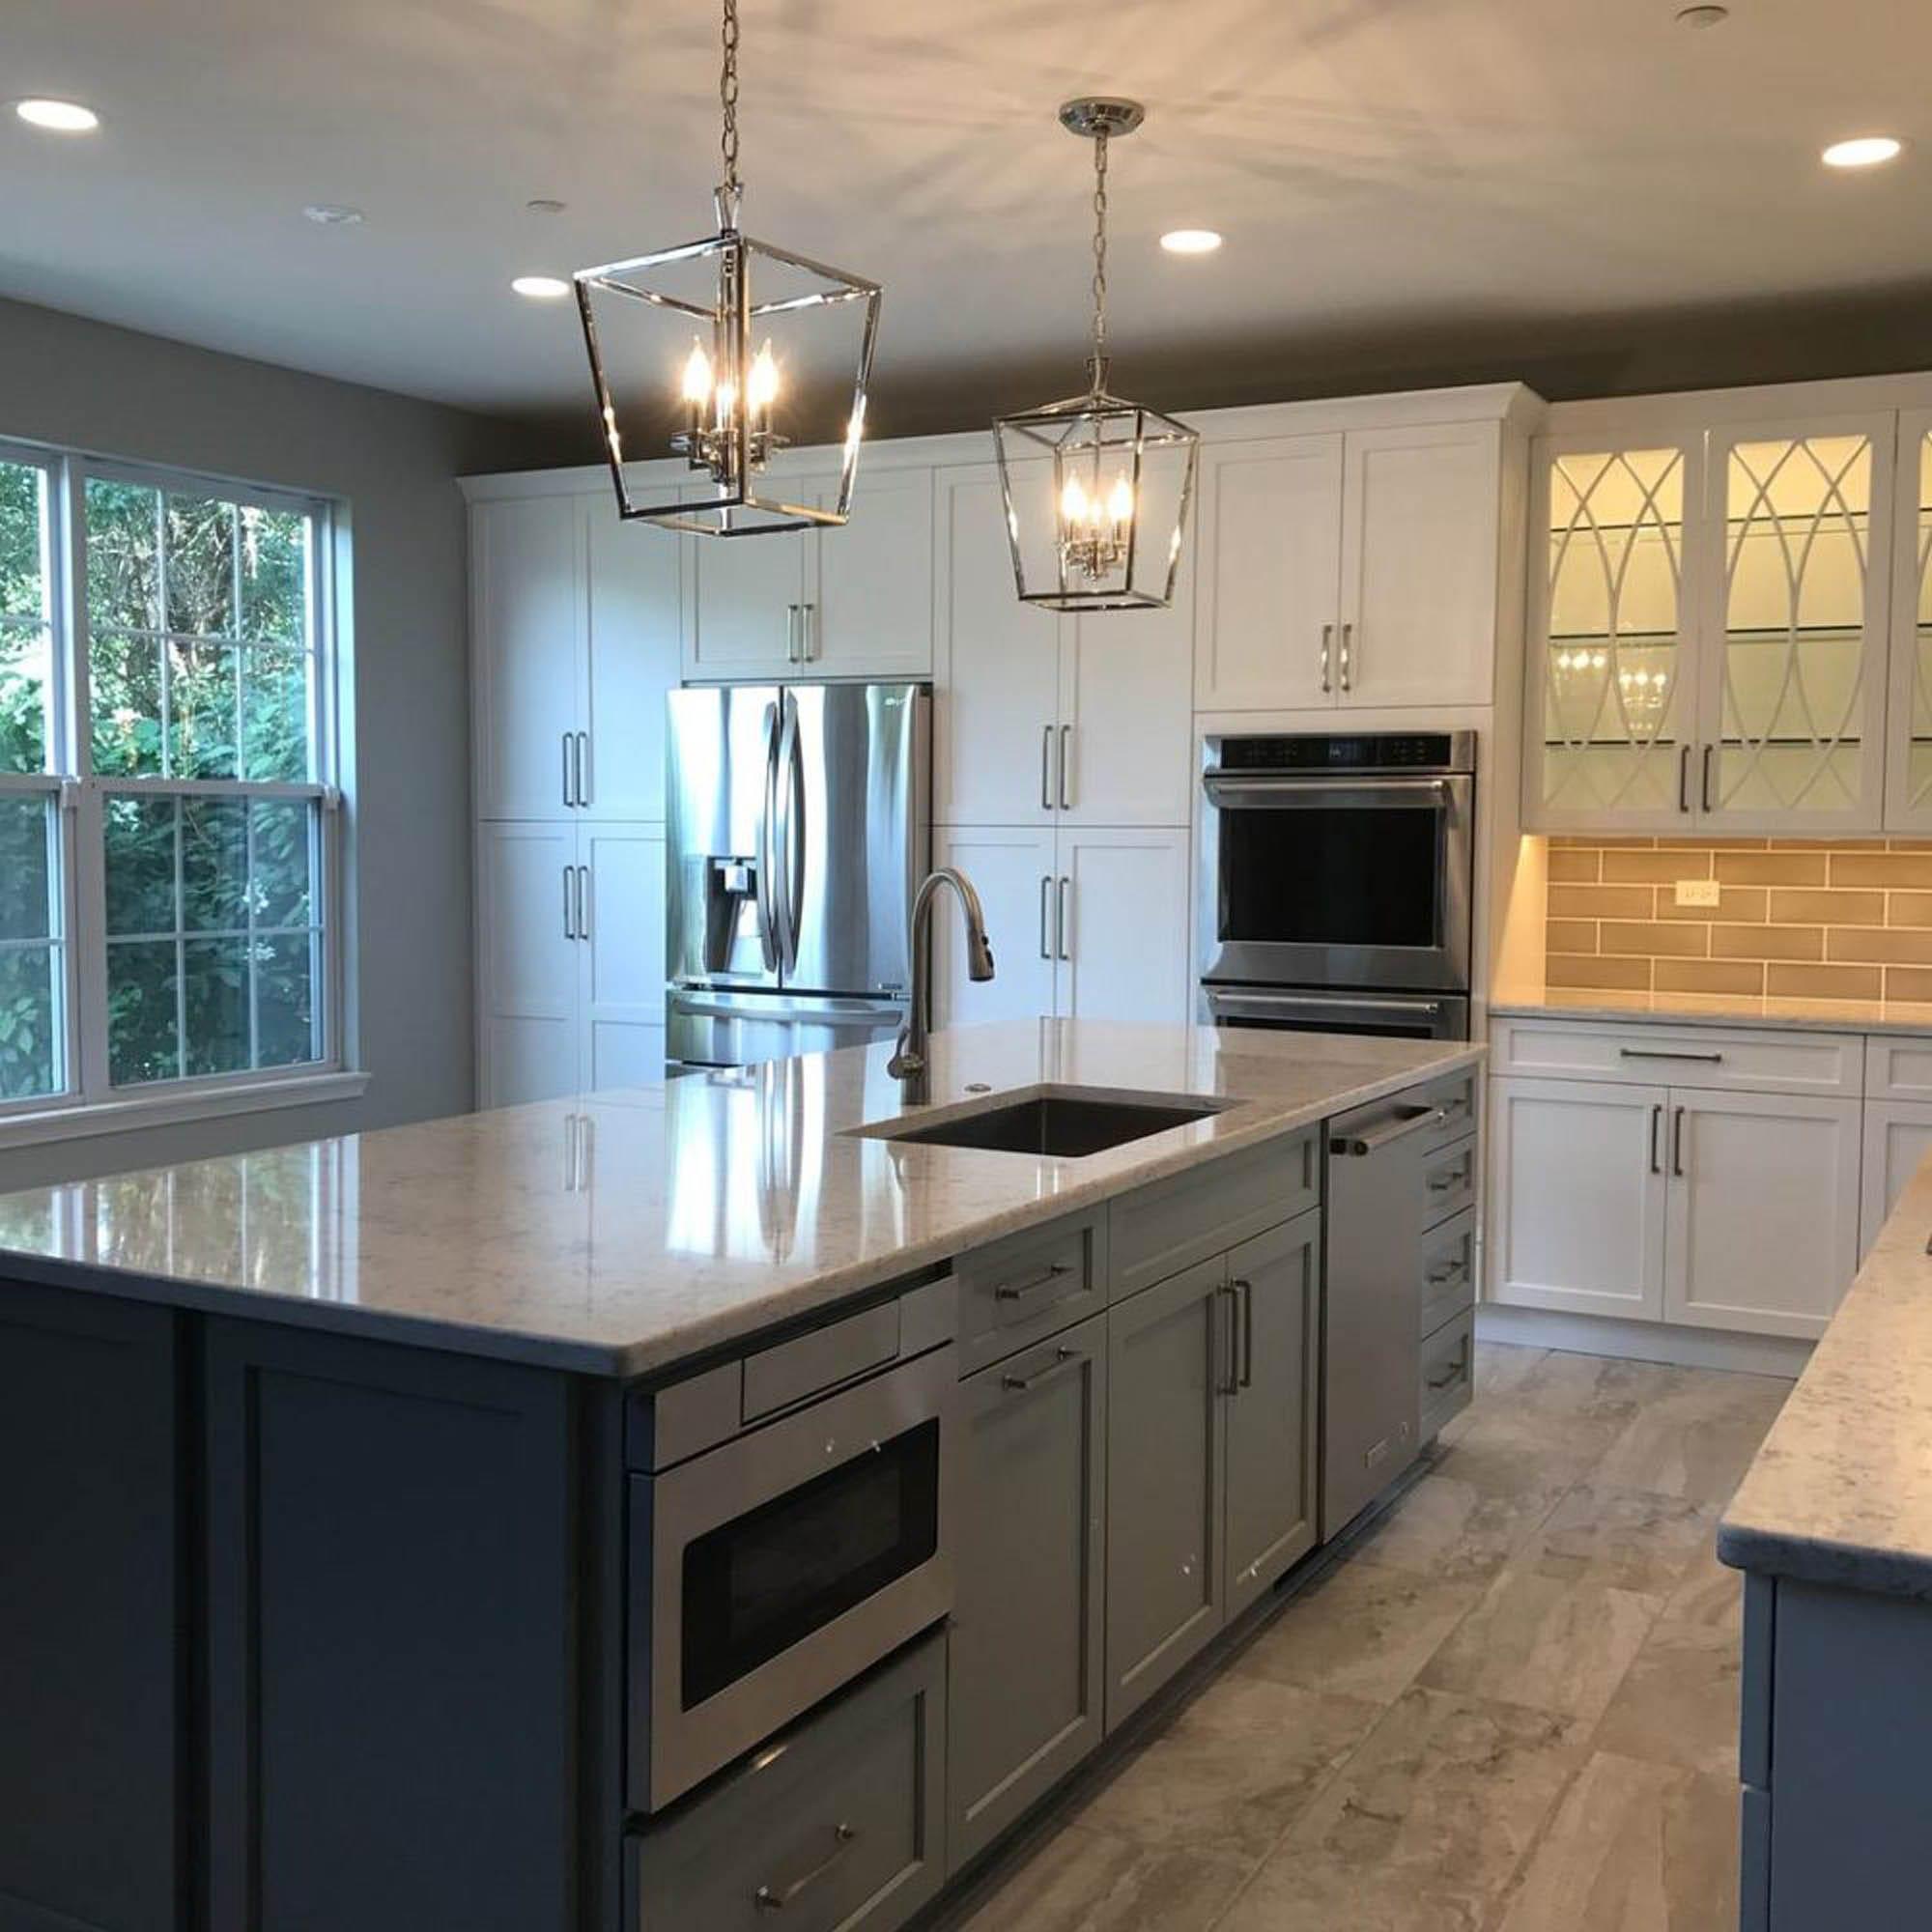 Kitchen backsplash and floor tile